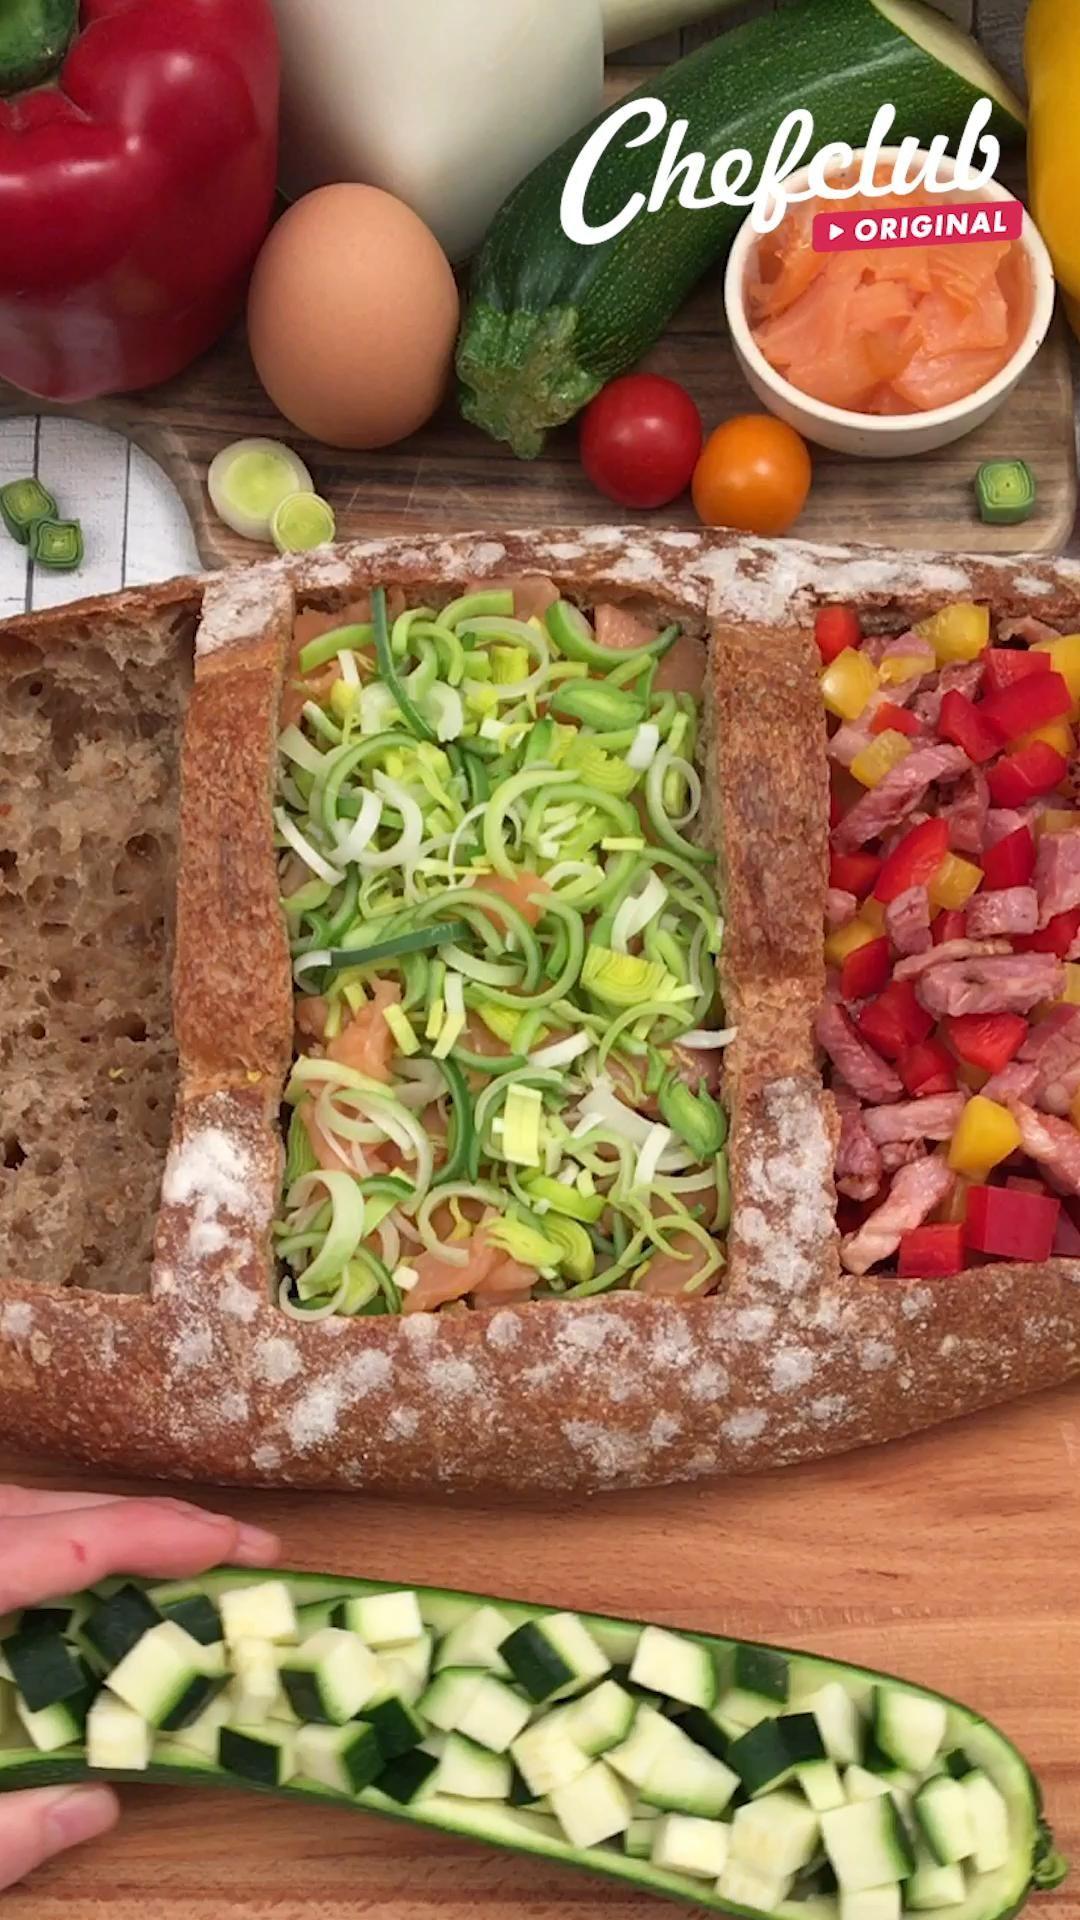 Frühstück und Mittag in einem. Geht schnell, begeistert alle 😍 Und gesund auch noch dazu! Mehr Rezepte und Inspiration aufchefclub.tv/de